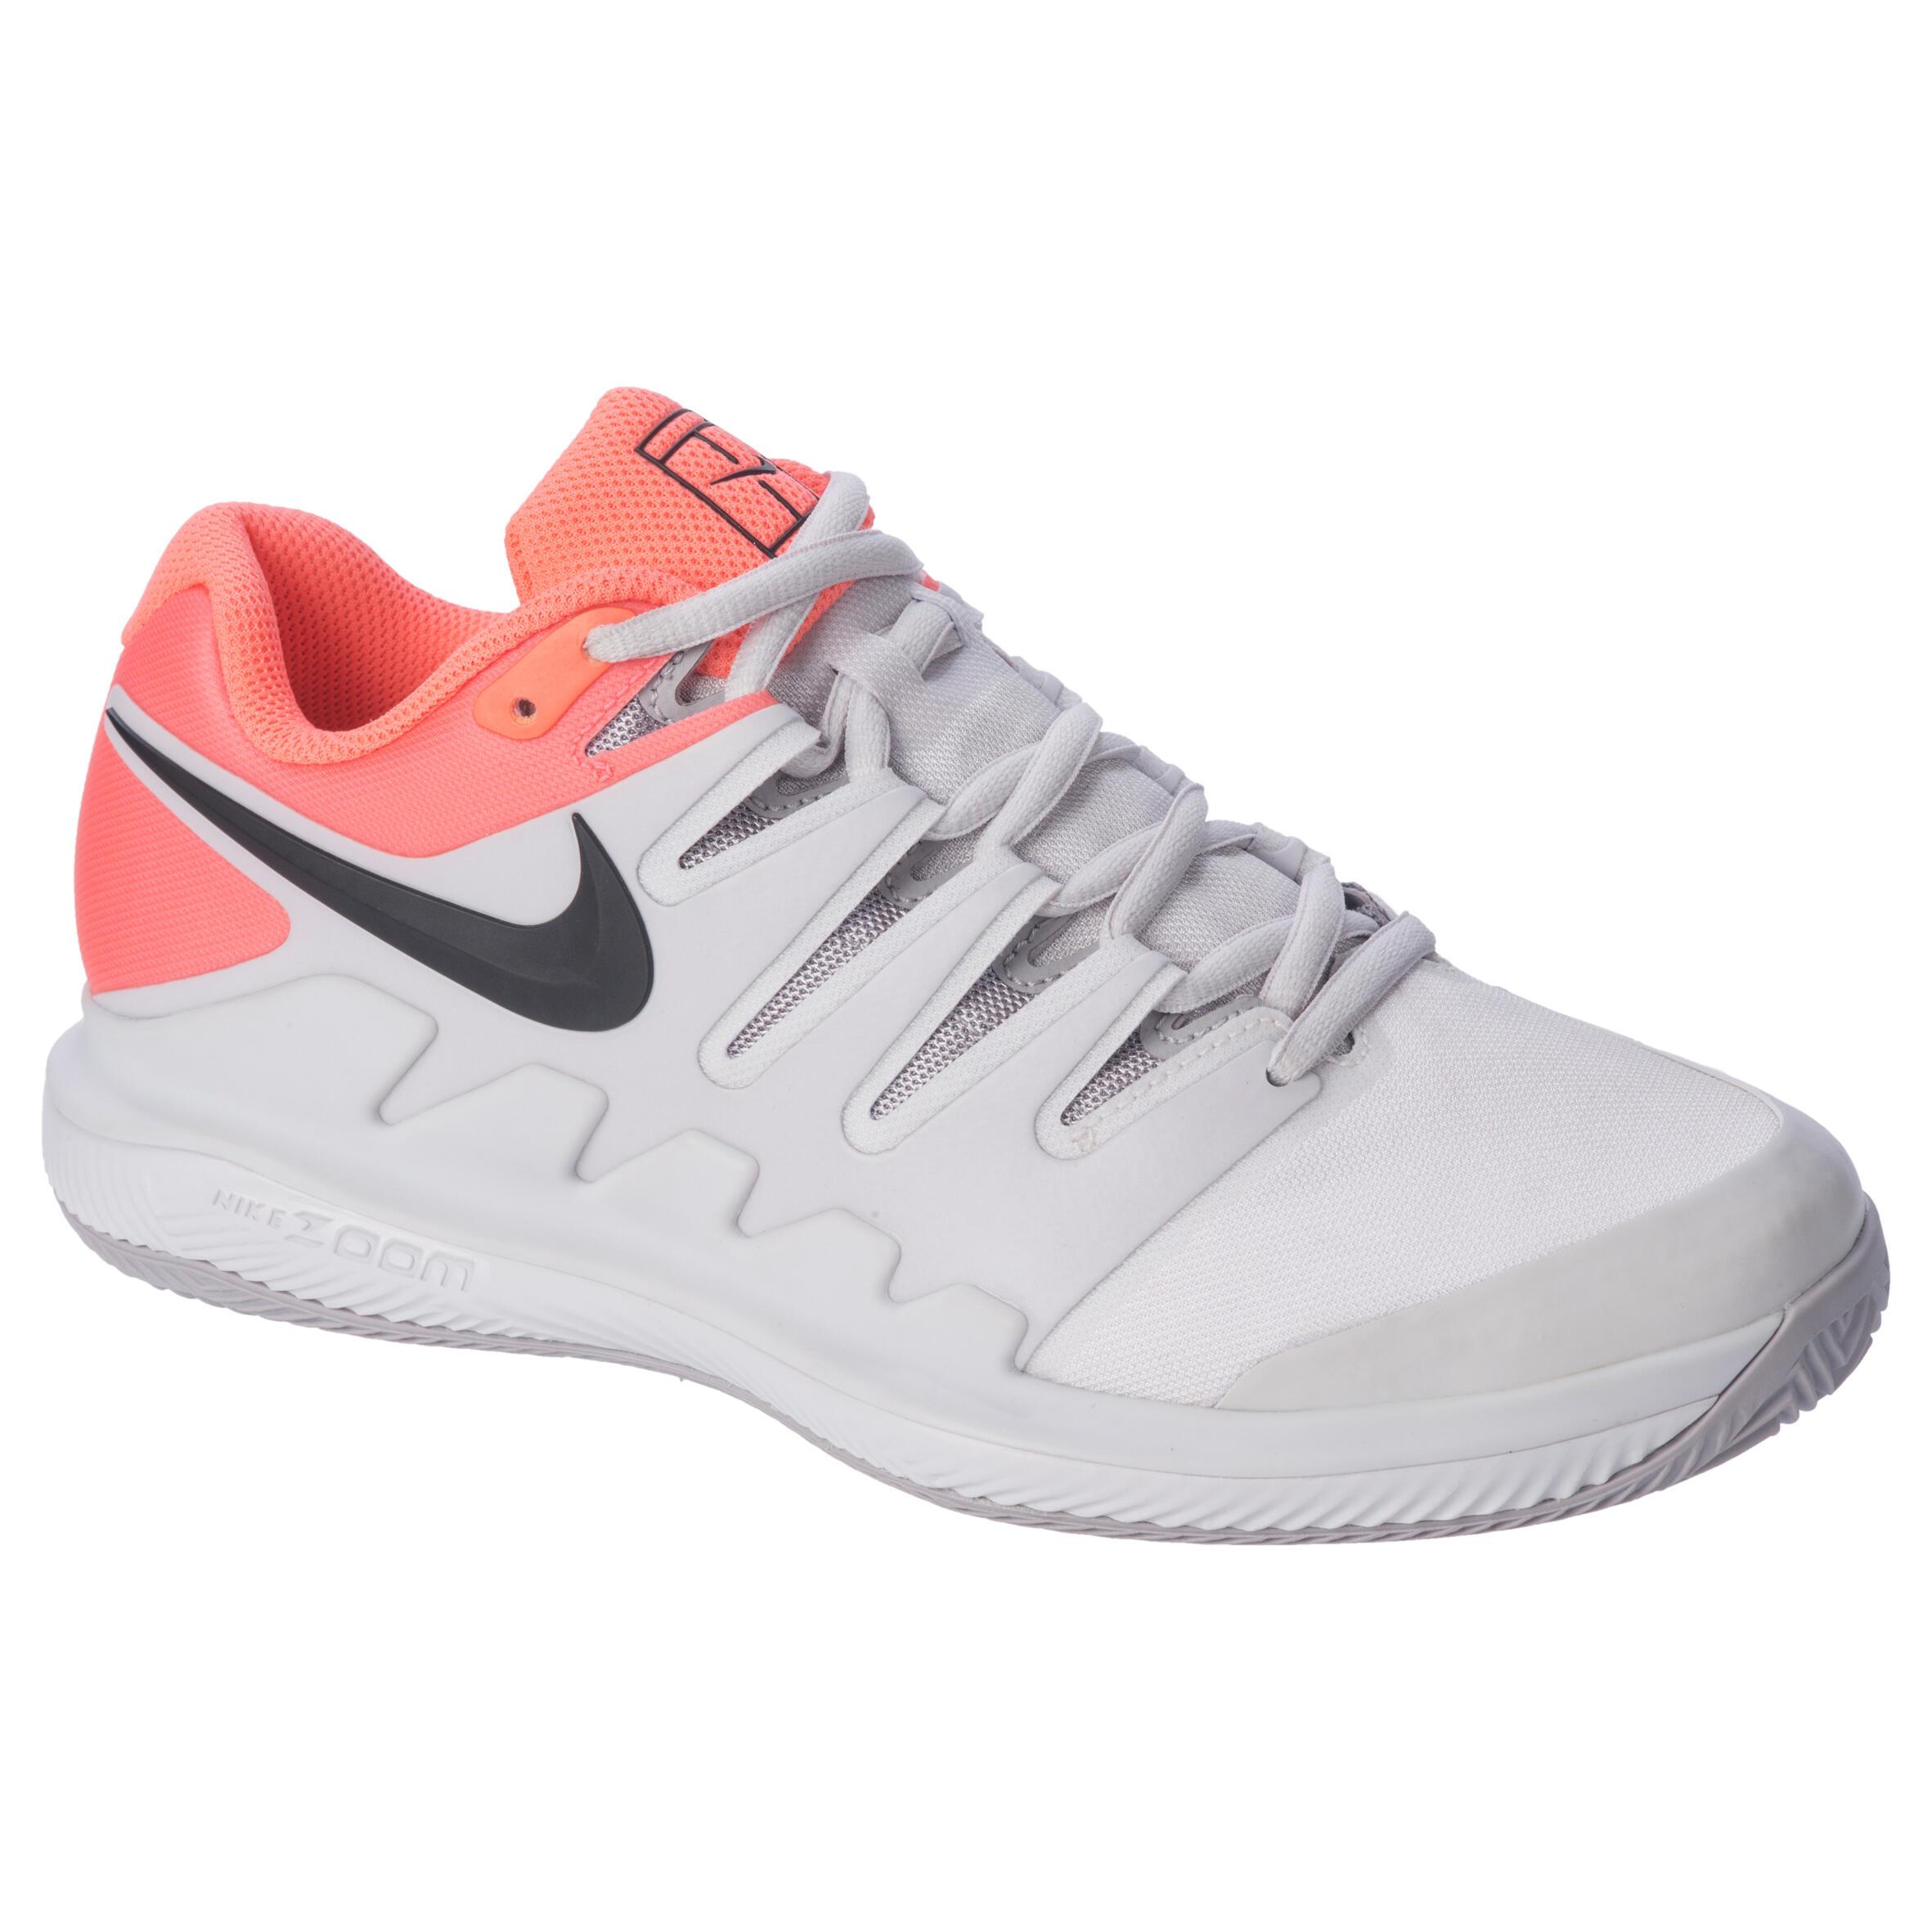 Nike Tennisschoenen dames Zoom Vapor Vast grijs